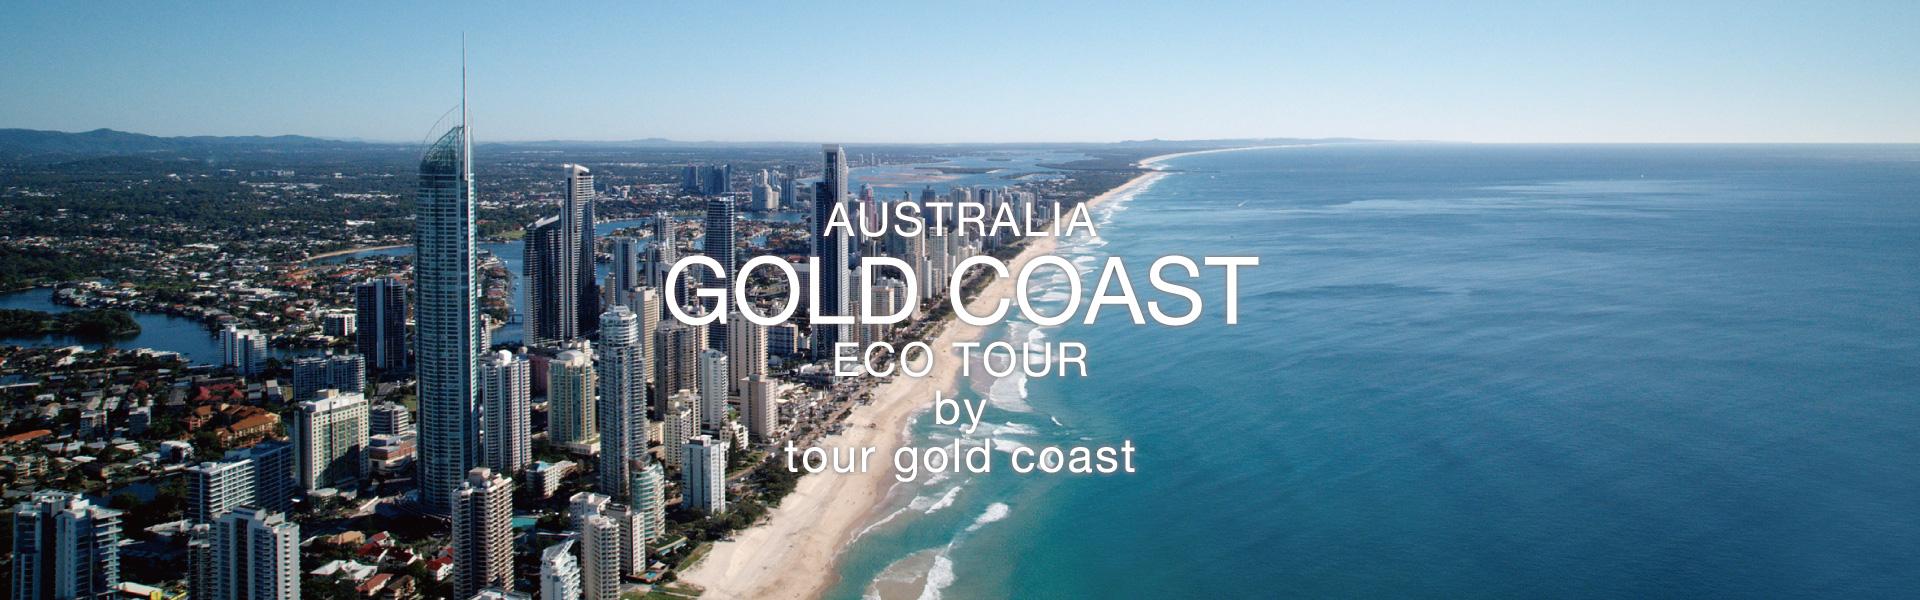 ツアーゴールドコースト tour gold coast